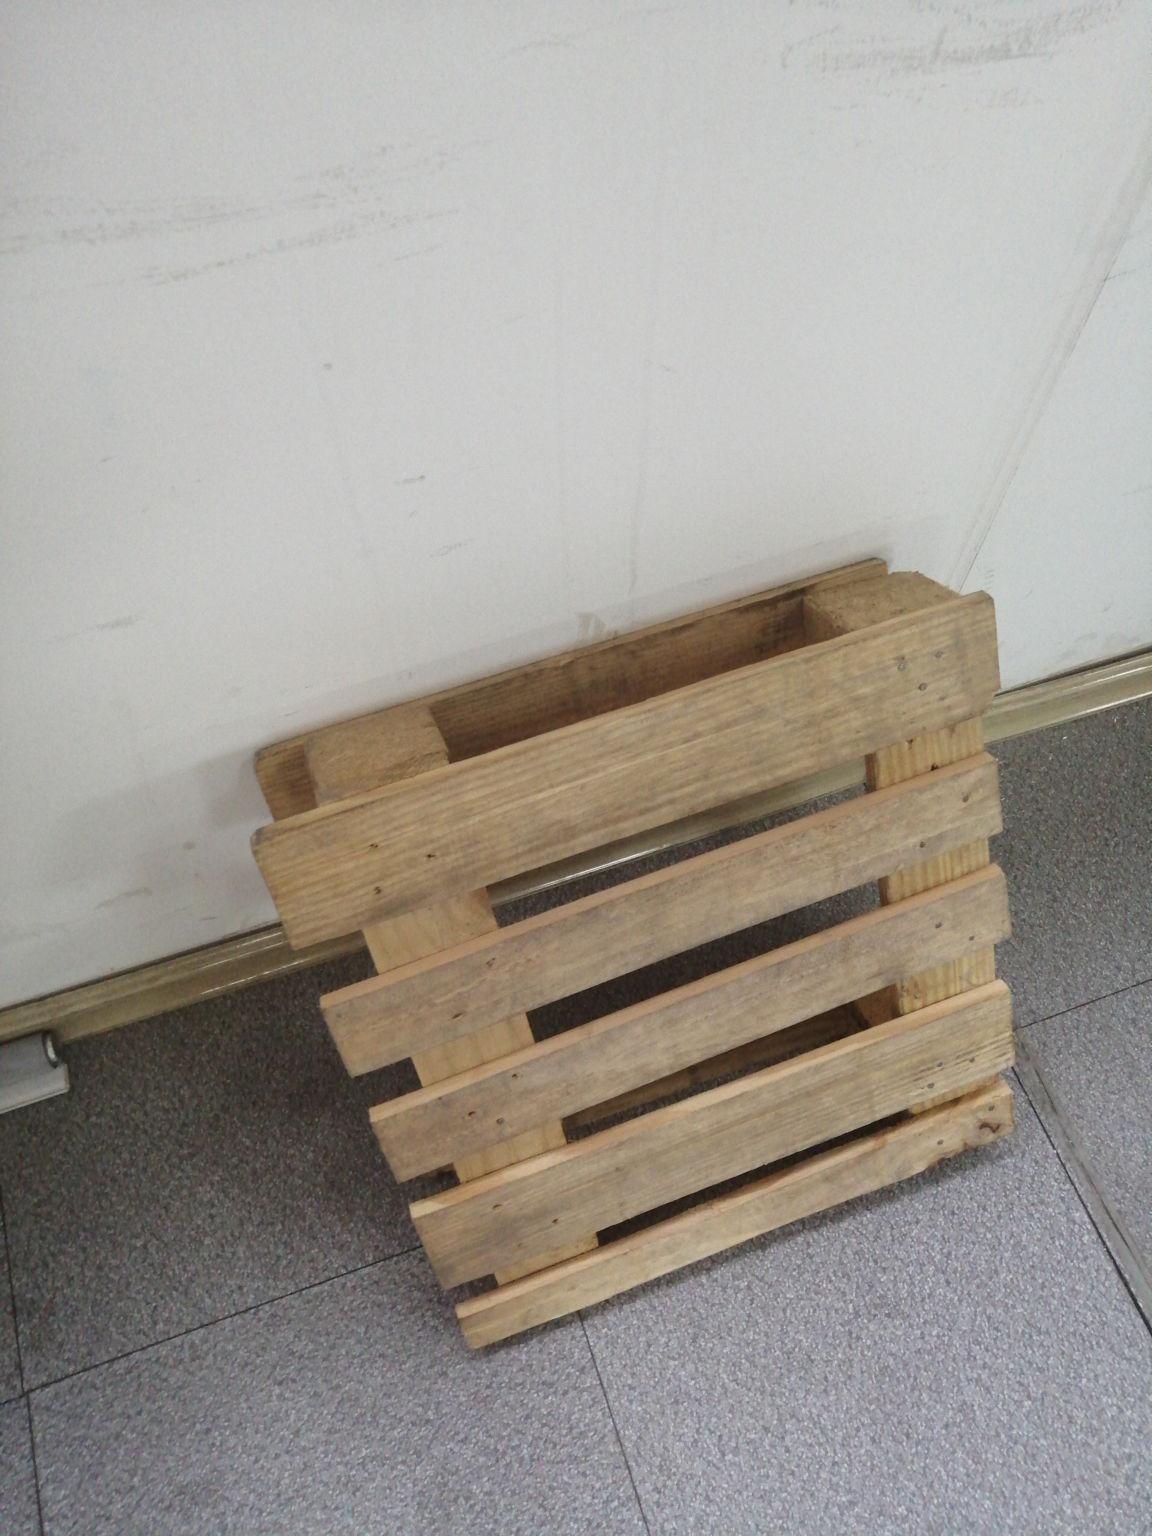 杭州定制简易木托盘加工厂家一是本身有??,◍♋゠Ⅽ☪整的生产设备